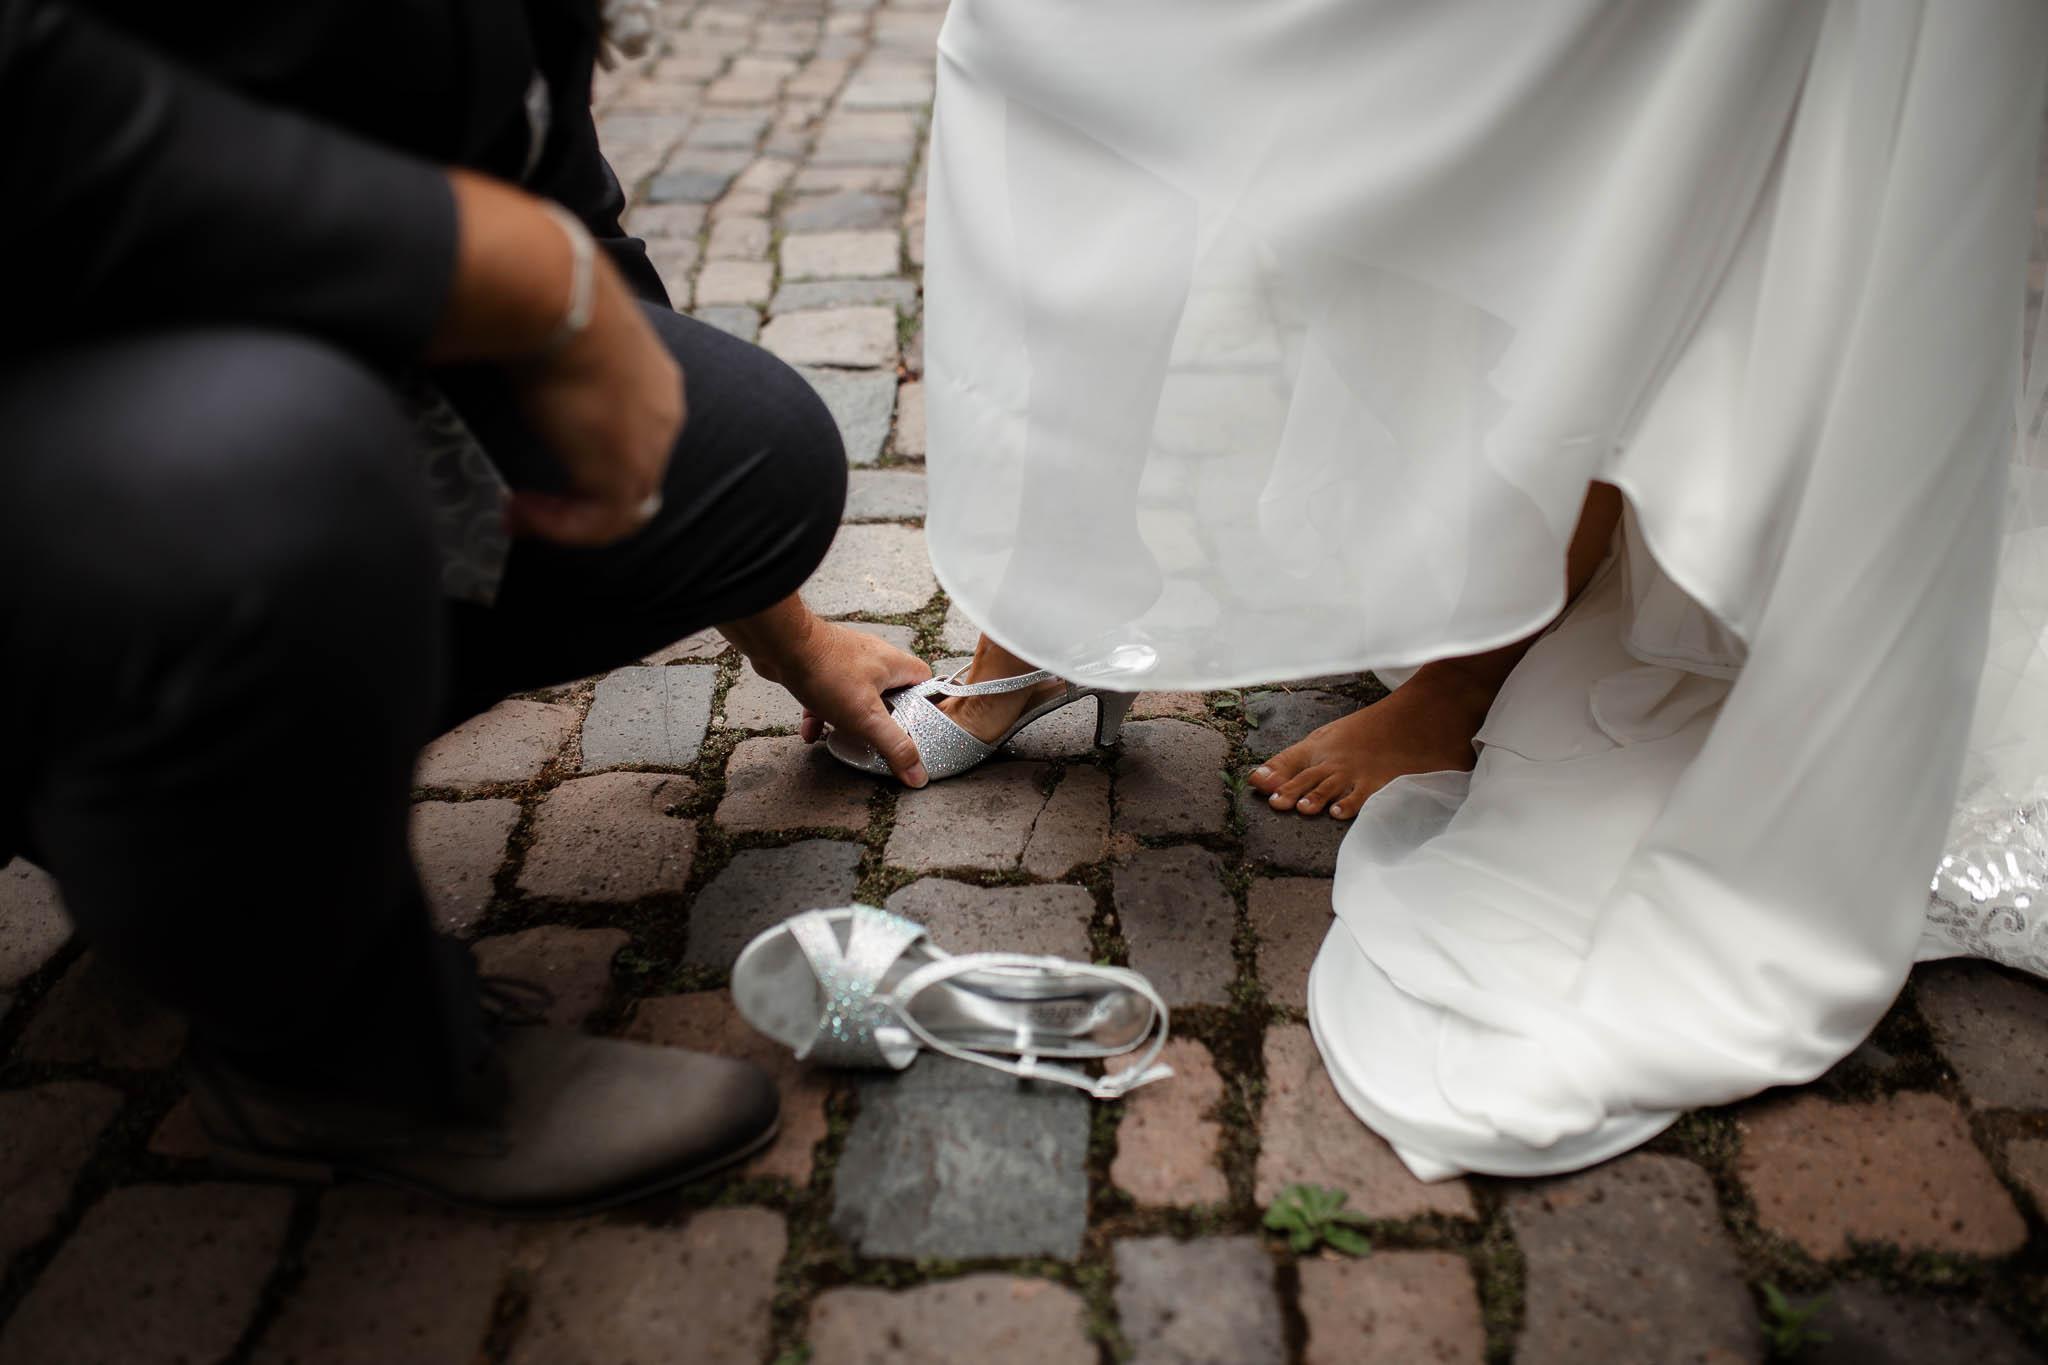 Hochzeitsfotograf Monzernheim: freie Trauung von Sarah & Patrick 15